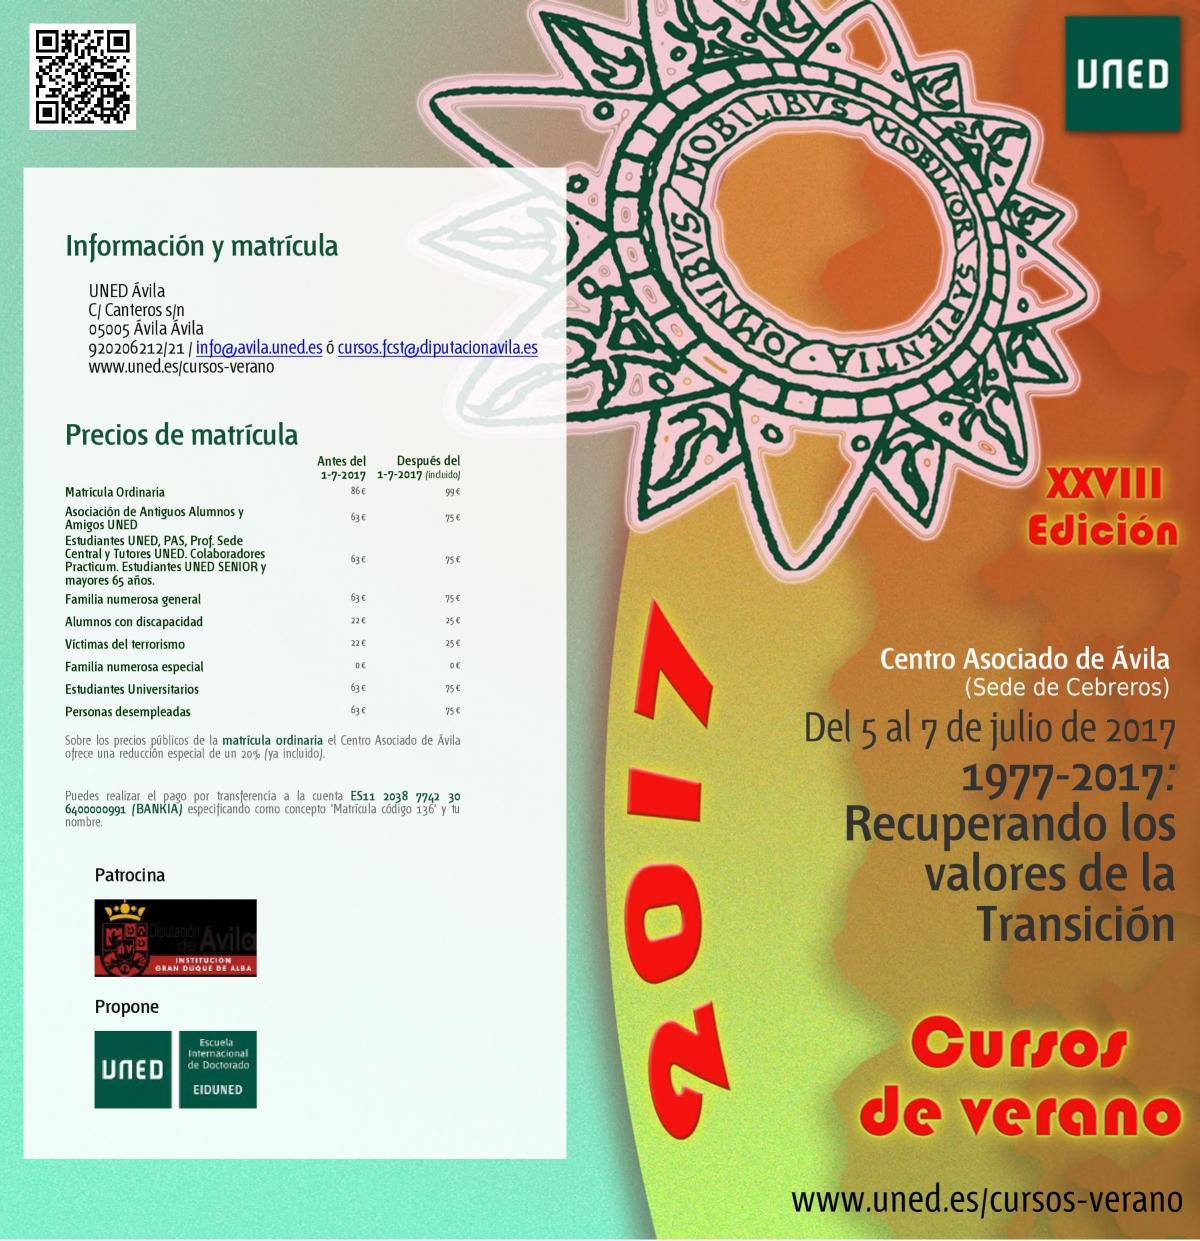 Cursos De Verano De La Uned Ayuntamiento De Cebreros